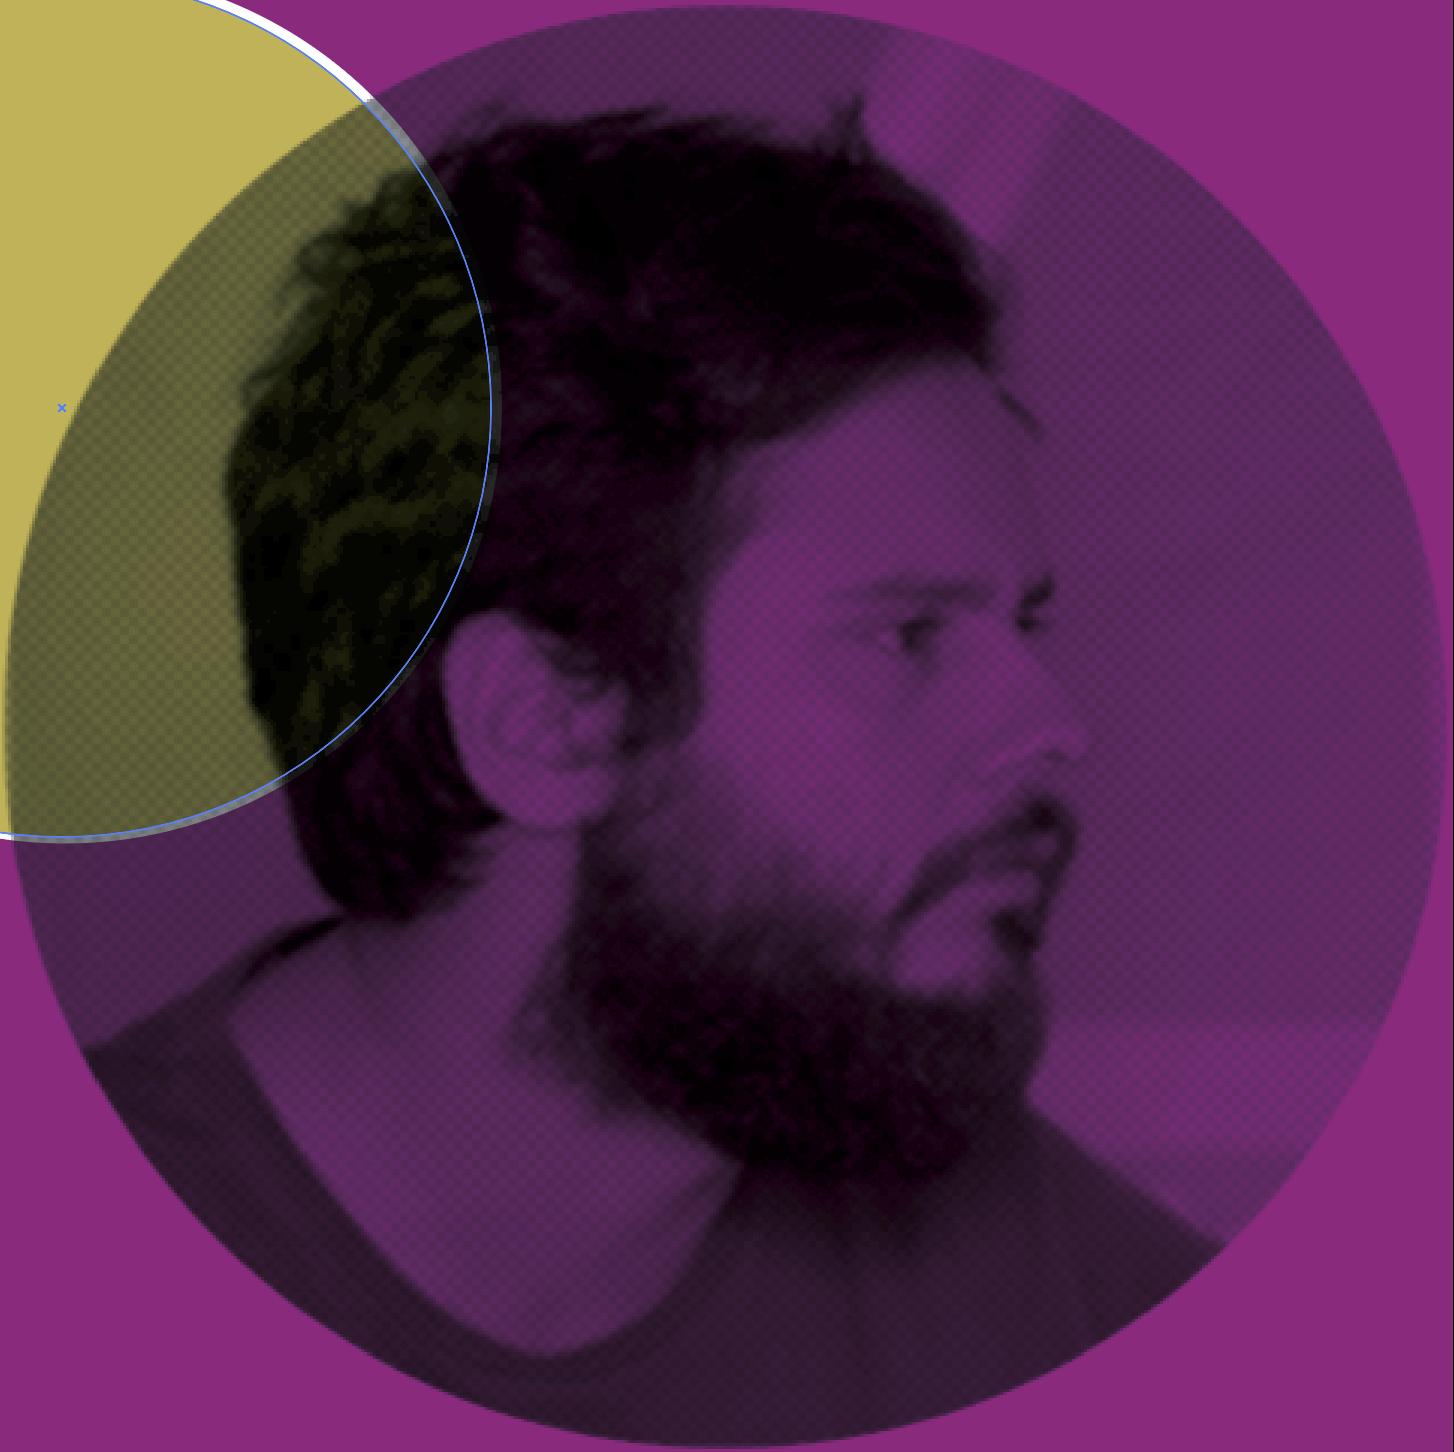 João Roxo